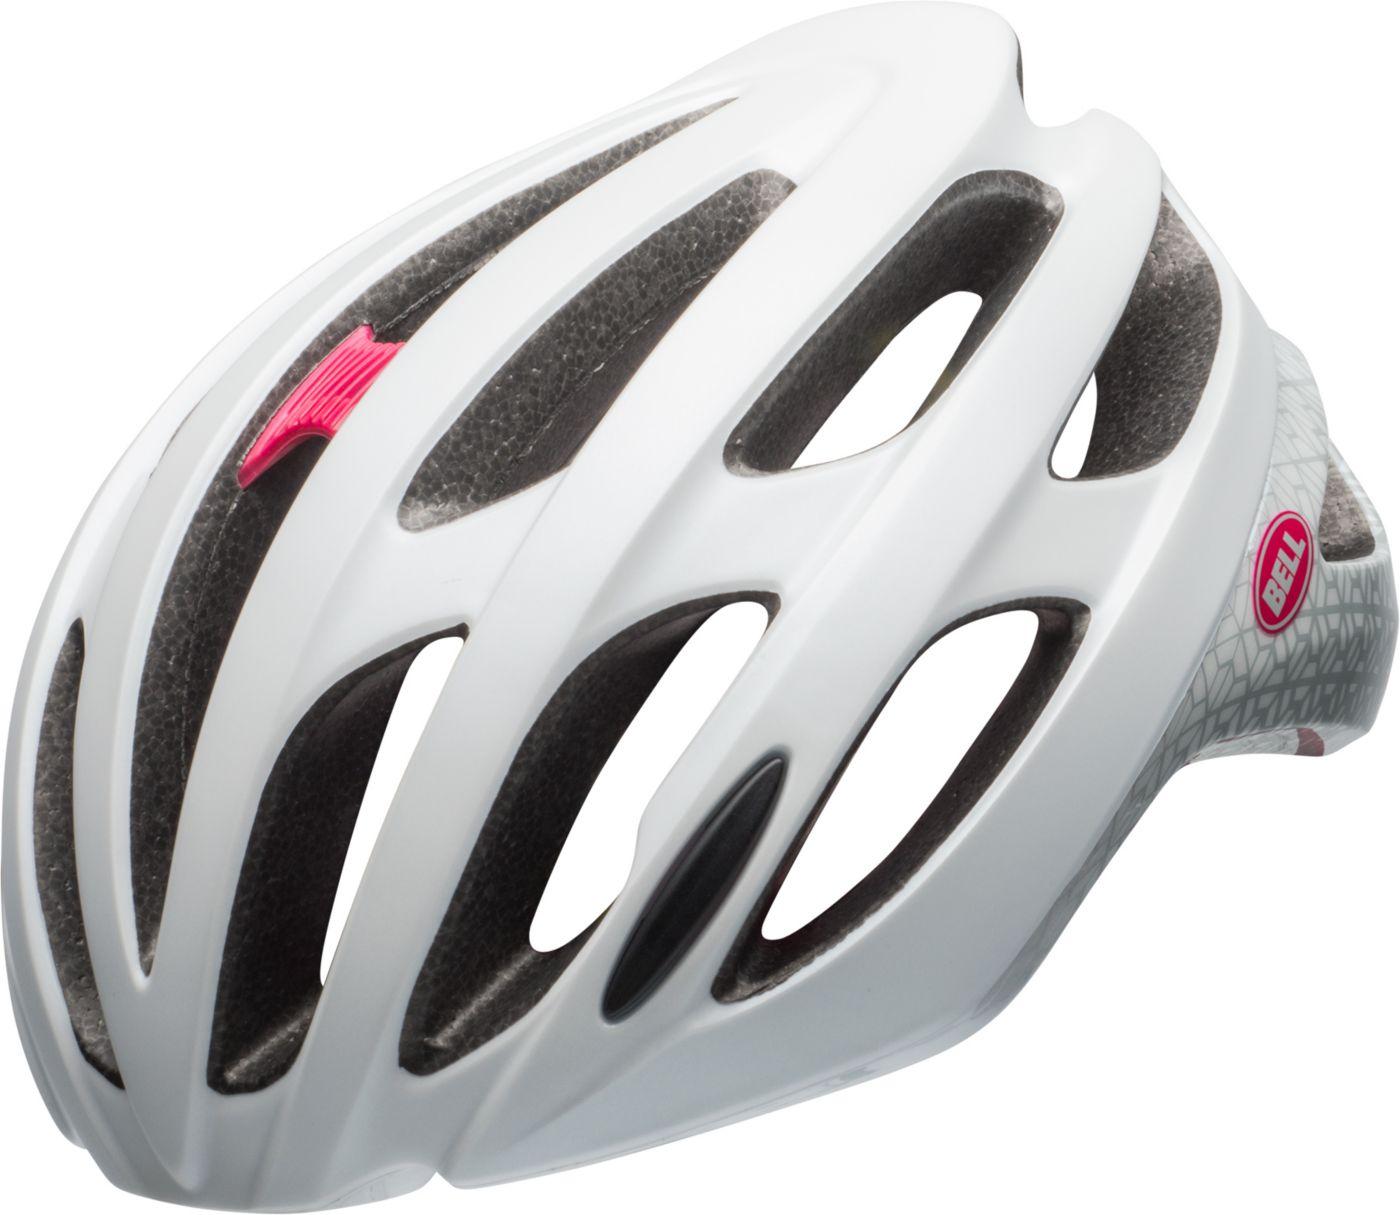 Bell Women's Falcon Joy Ride MIPS Bike Helmet